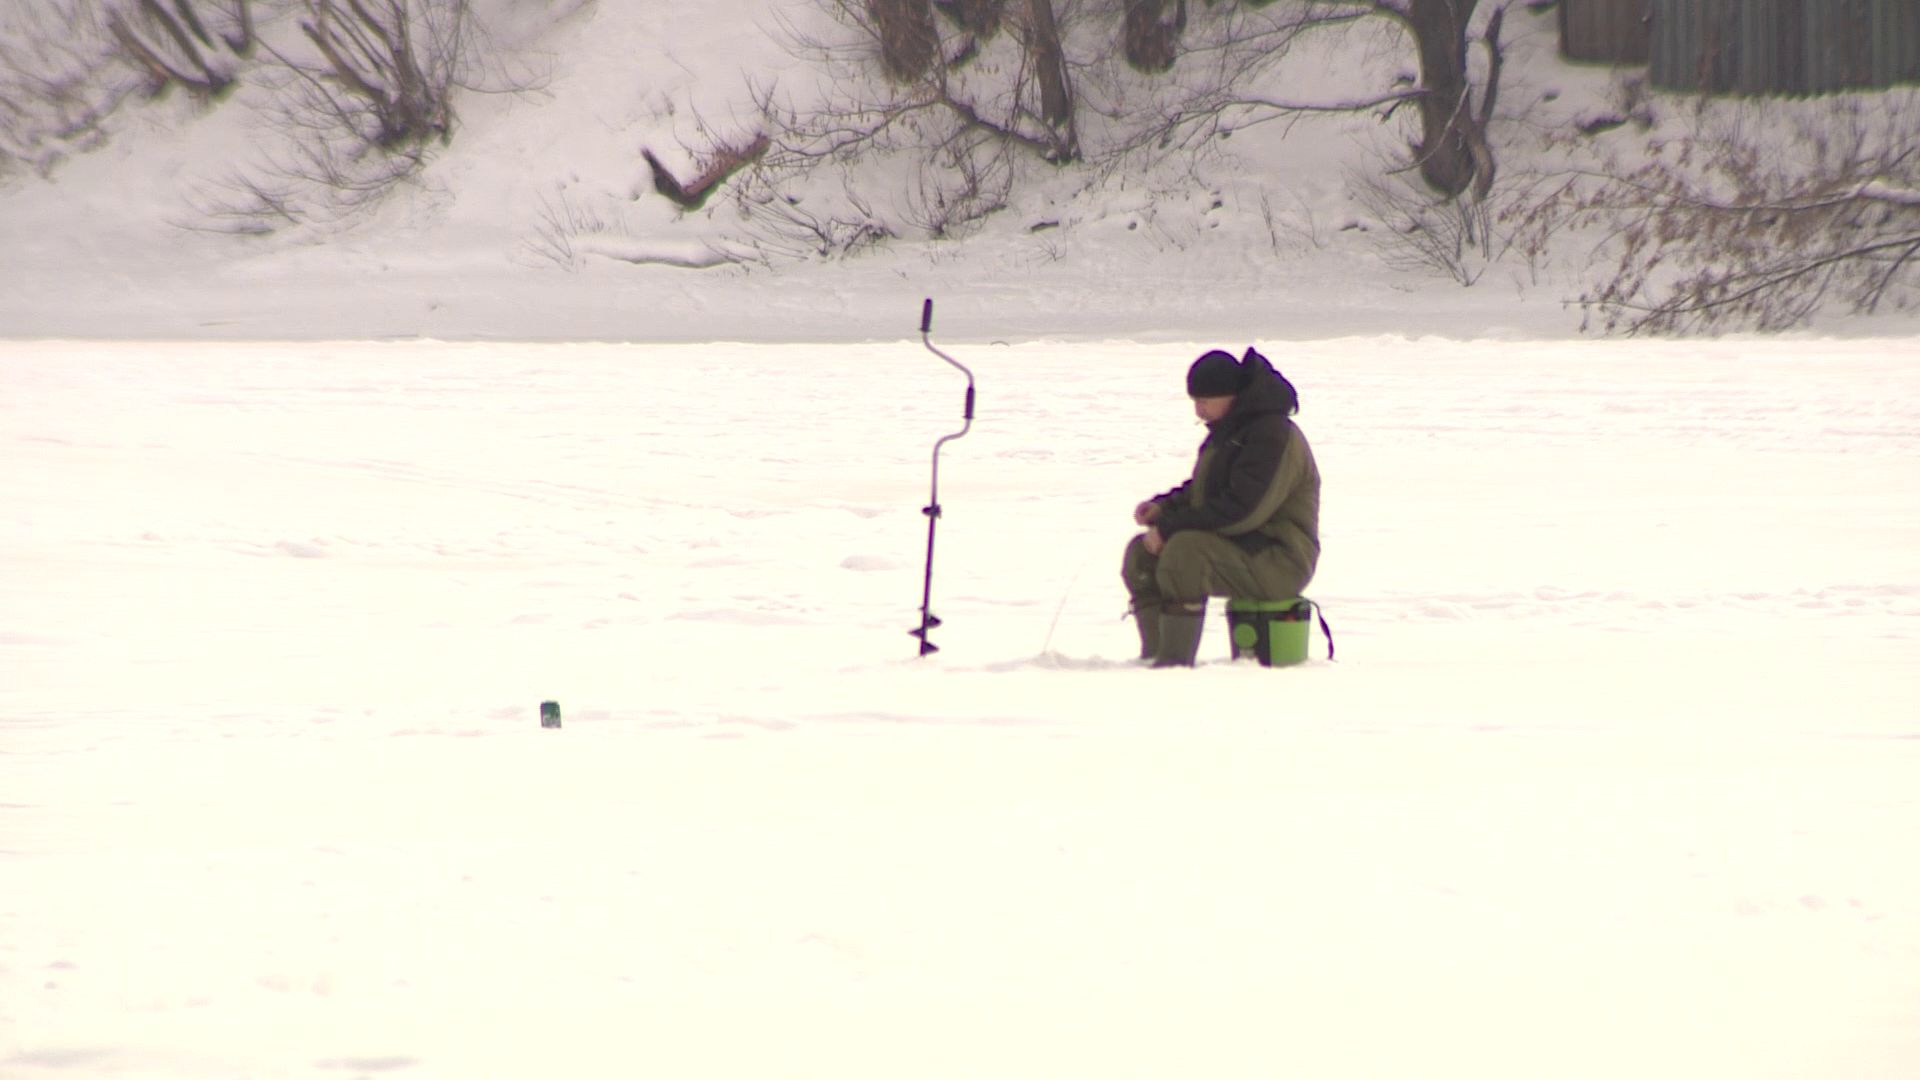 Борьба с «теневыми» рыболовами обретает новый масштаб